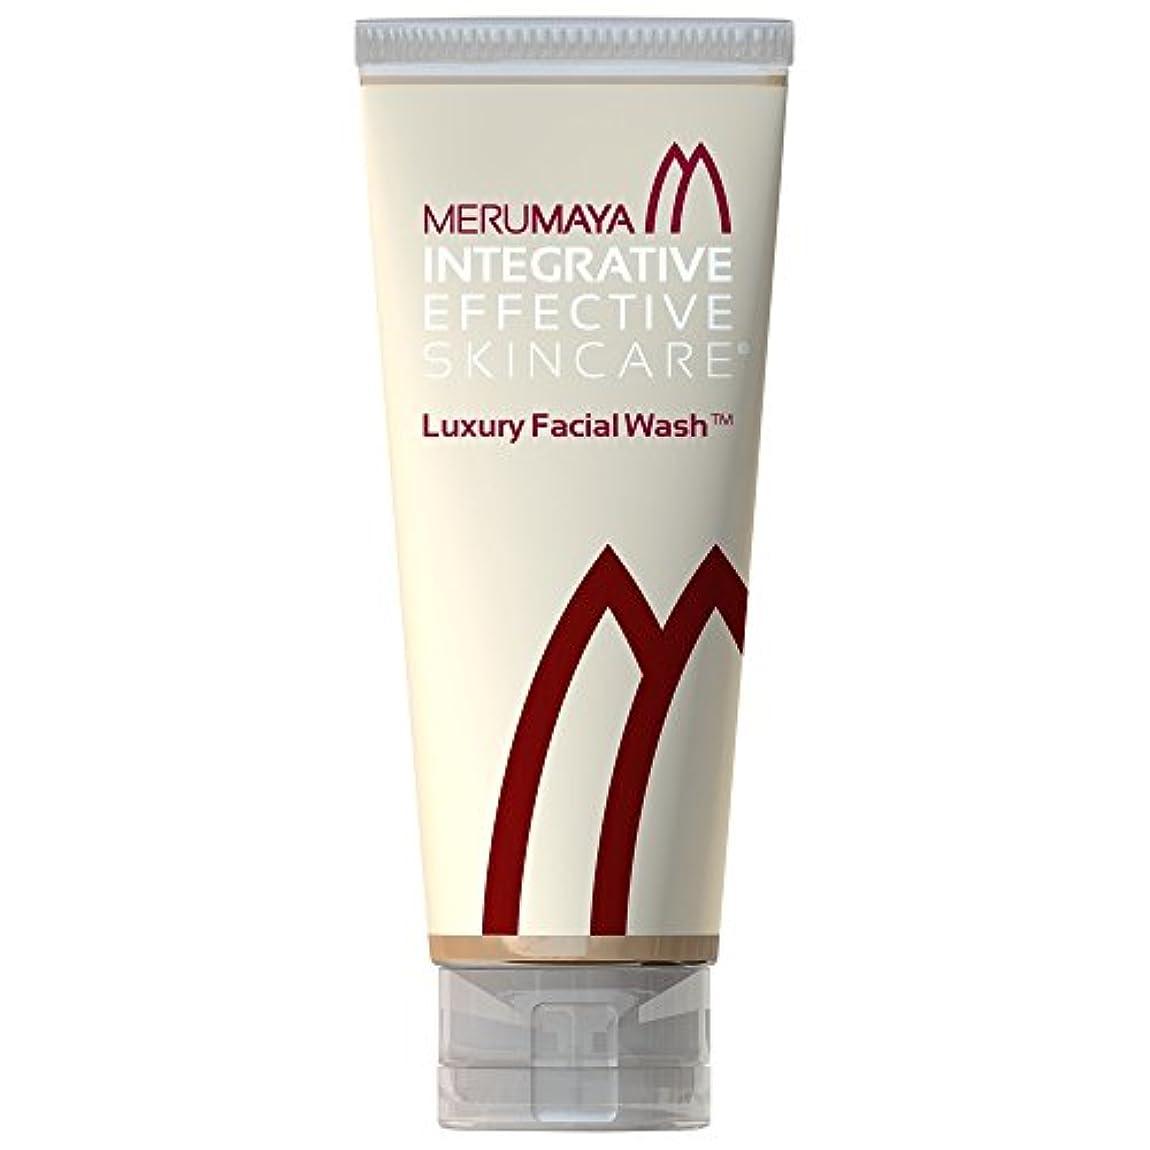 細い案件アカウントMerumaya高級洗顔?、100ミリリットル (Merumaya) - MERUMAYA Luxury Facial Wash?, 100ml [並行輸入品]